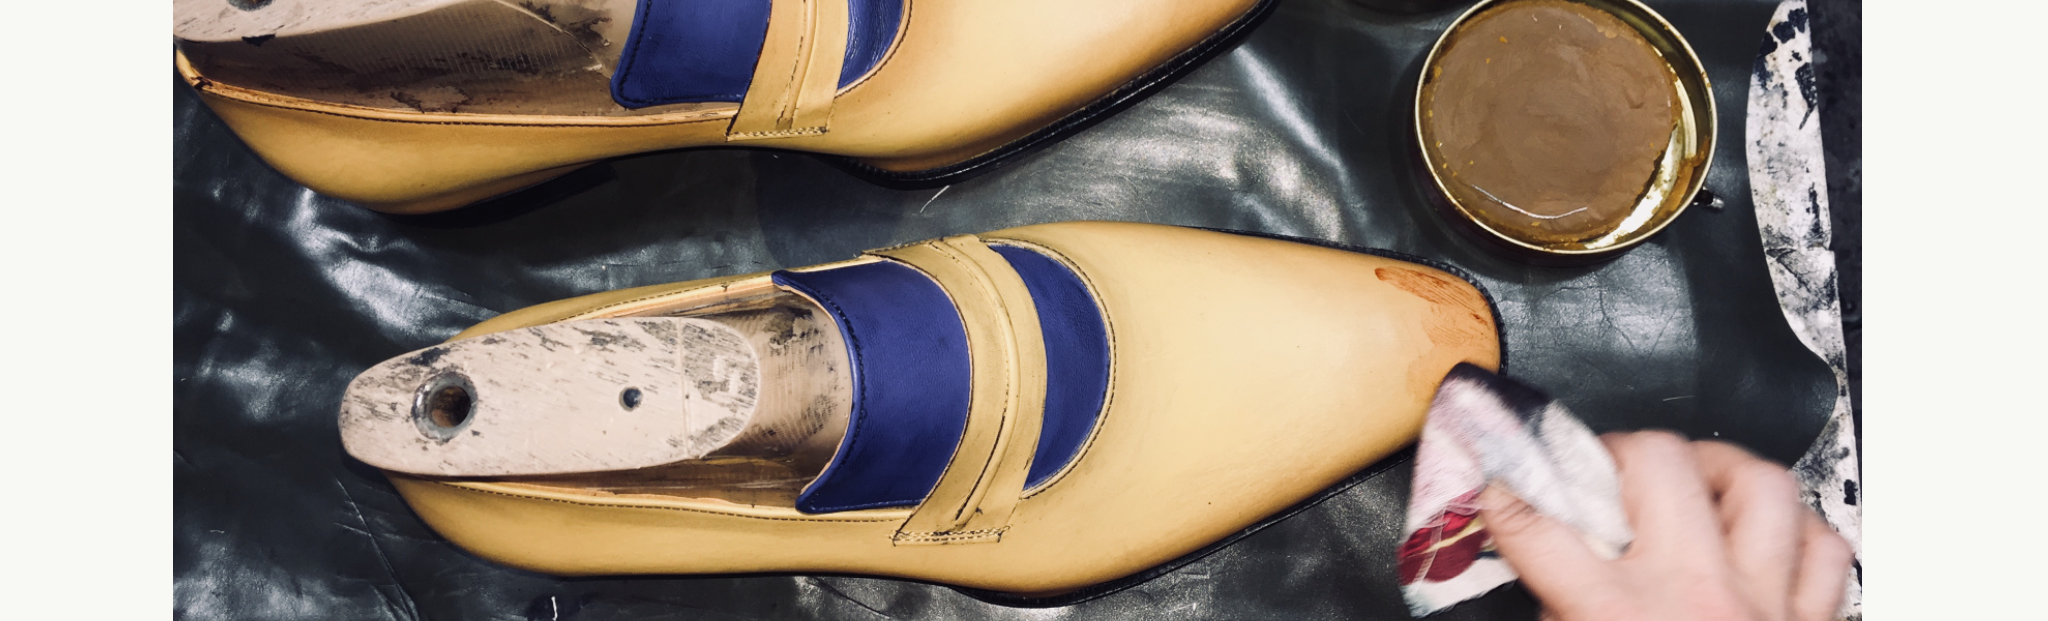 Sapato de couro masculino feito à mão E. Marchi